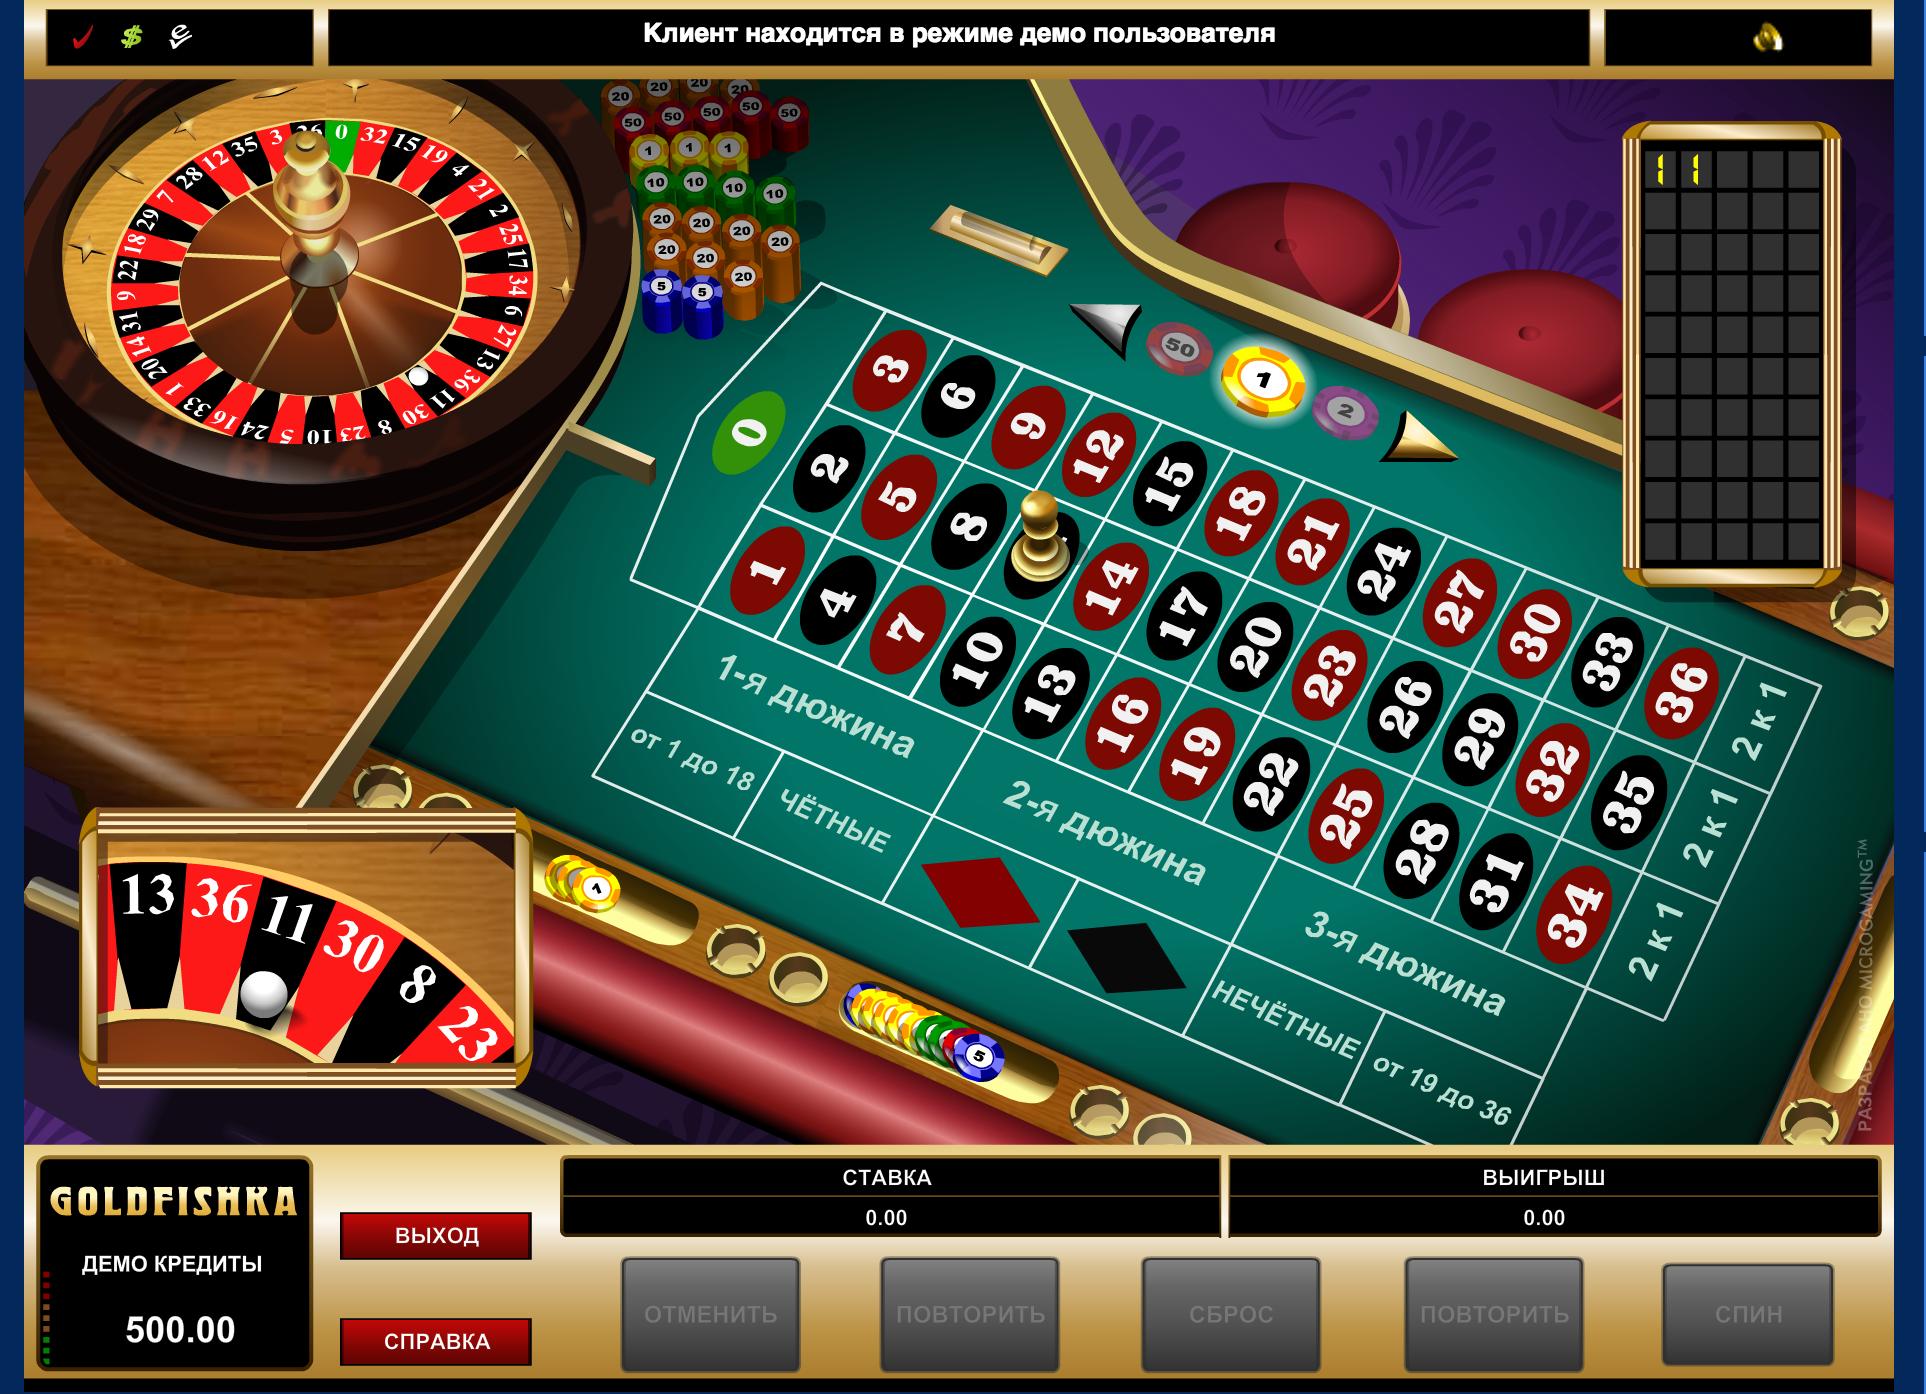 Вертуальные игровые автоматы на виртуальные деньги royal casino играть